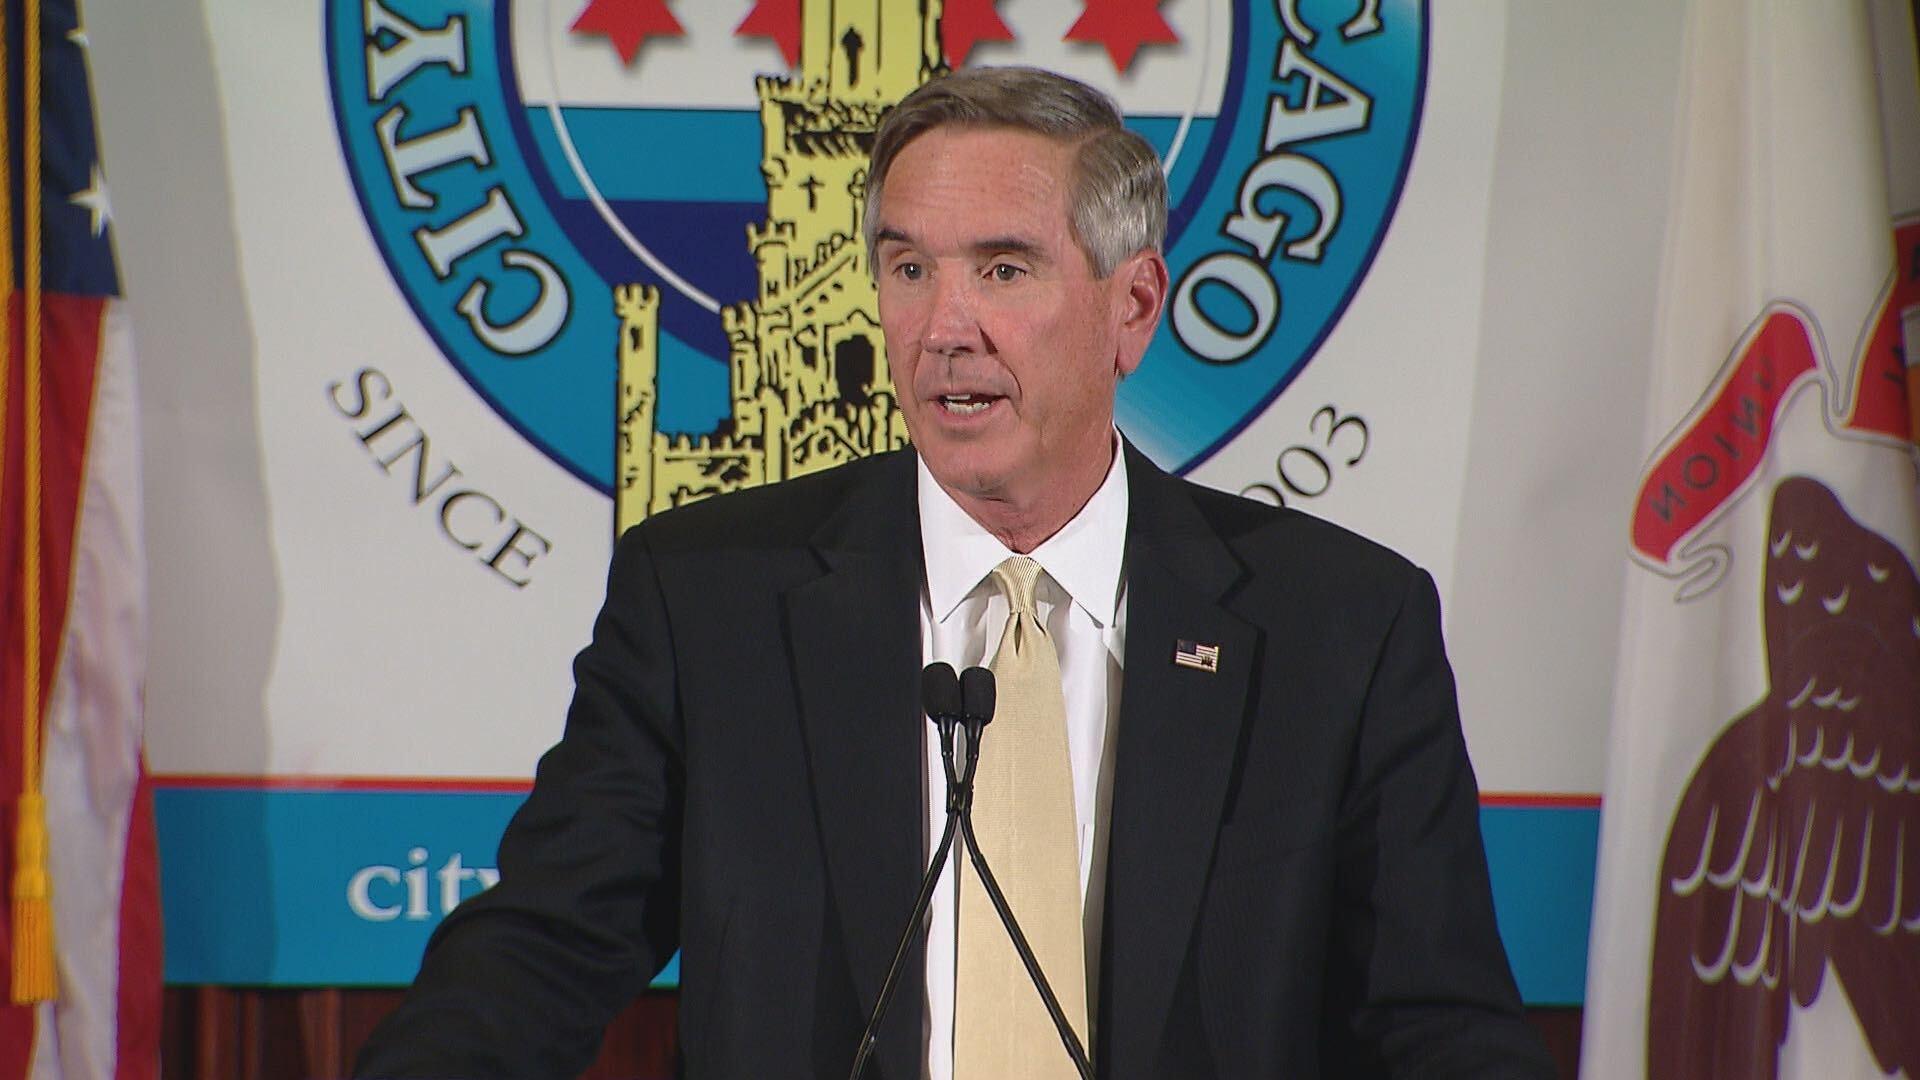 Tim Schneider, Illinois Republican Party Chairman